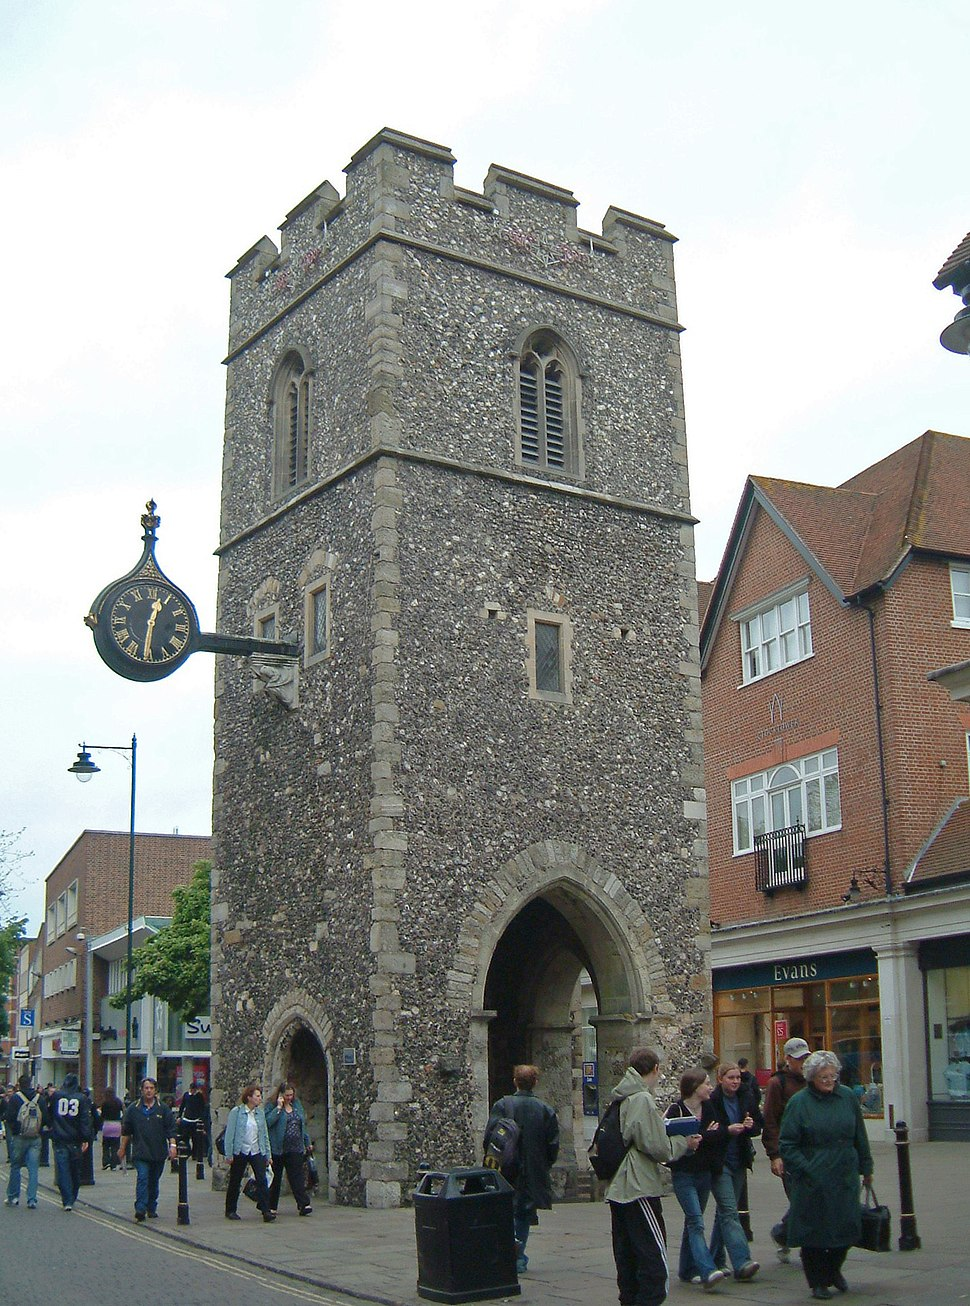 Canterbury - Turm der St. George's Church, in der Marlowe getauft wurde